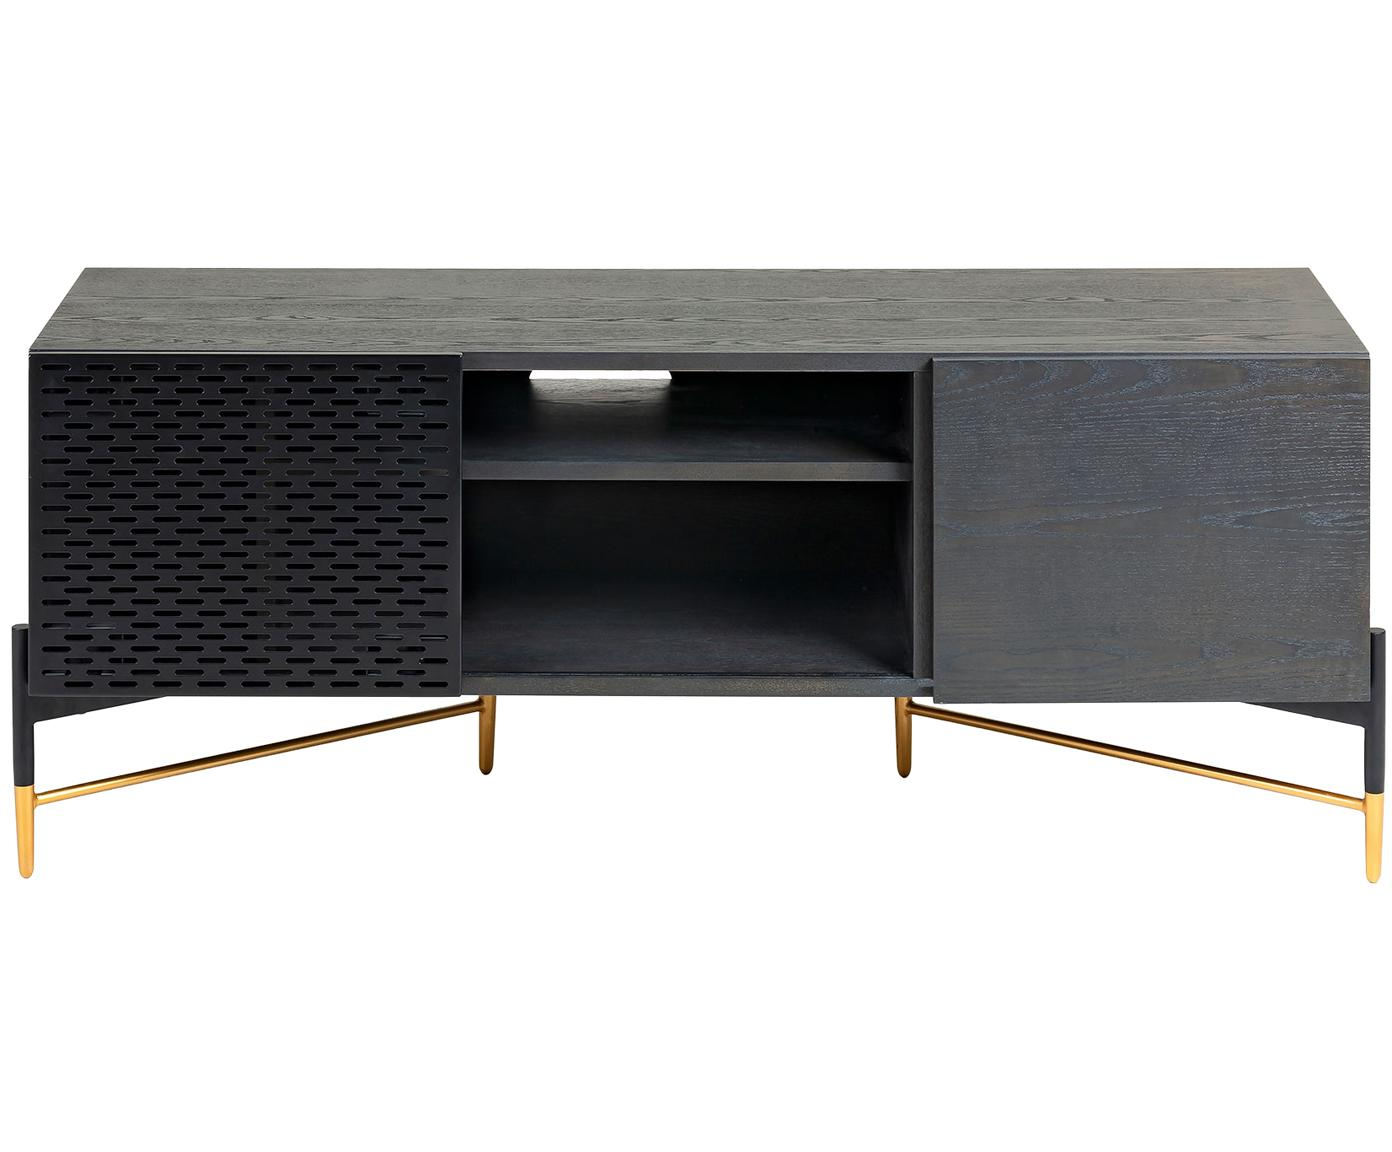 Tv-meubel Milian met schuifdeur, Frame: MDF, gelakt essenhoutfine, Poten: gelakt metaal, Zwart, 141 x 60 cm